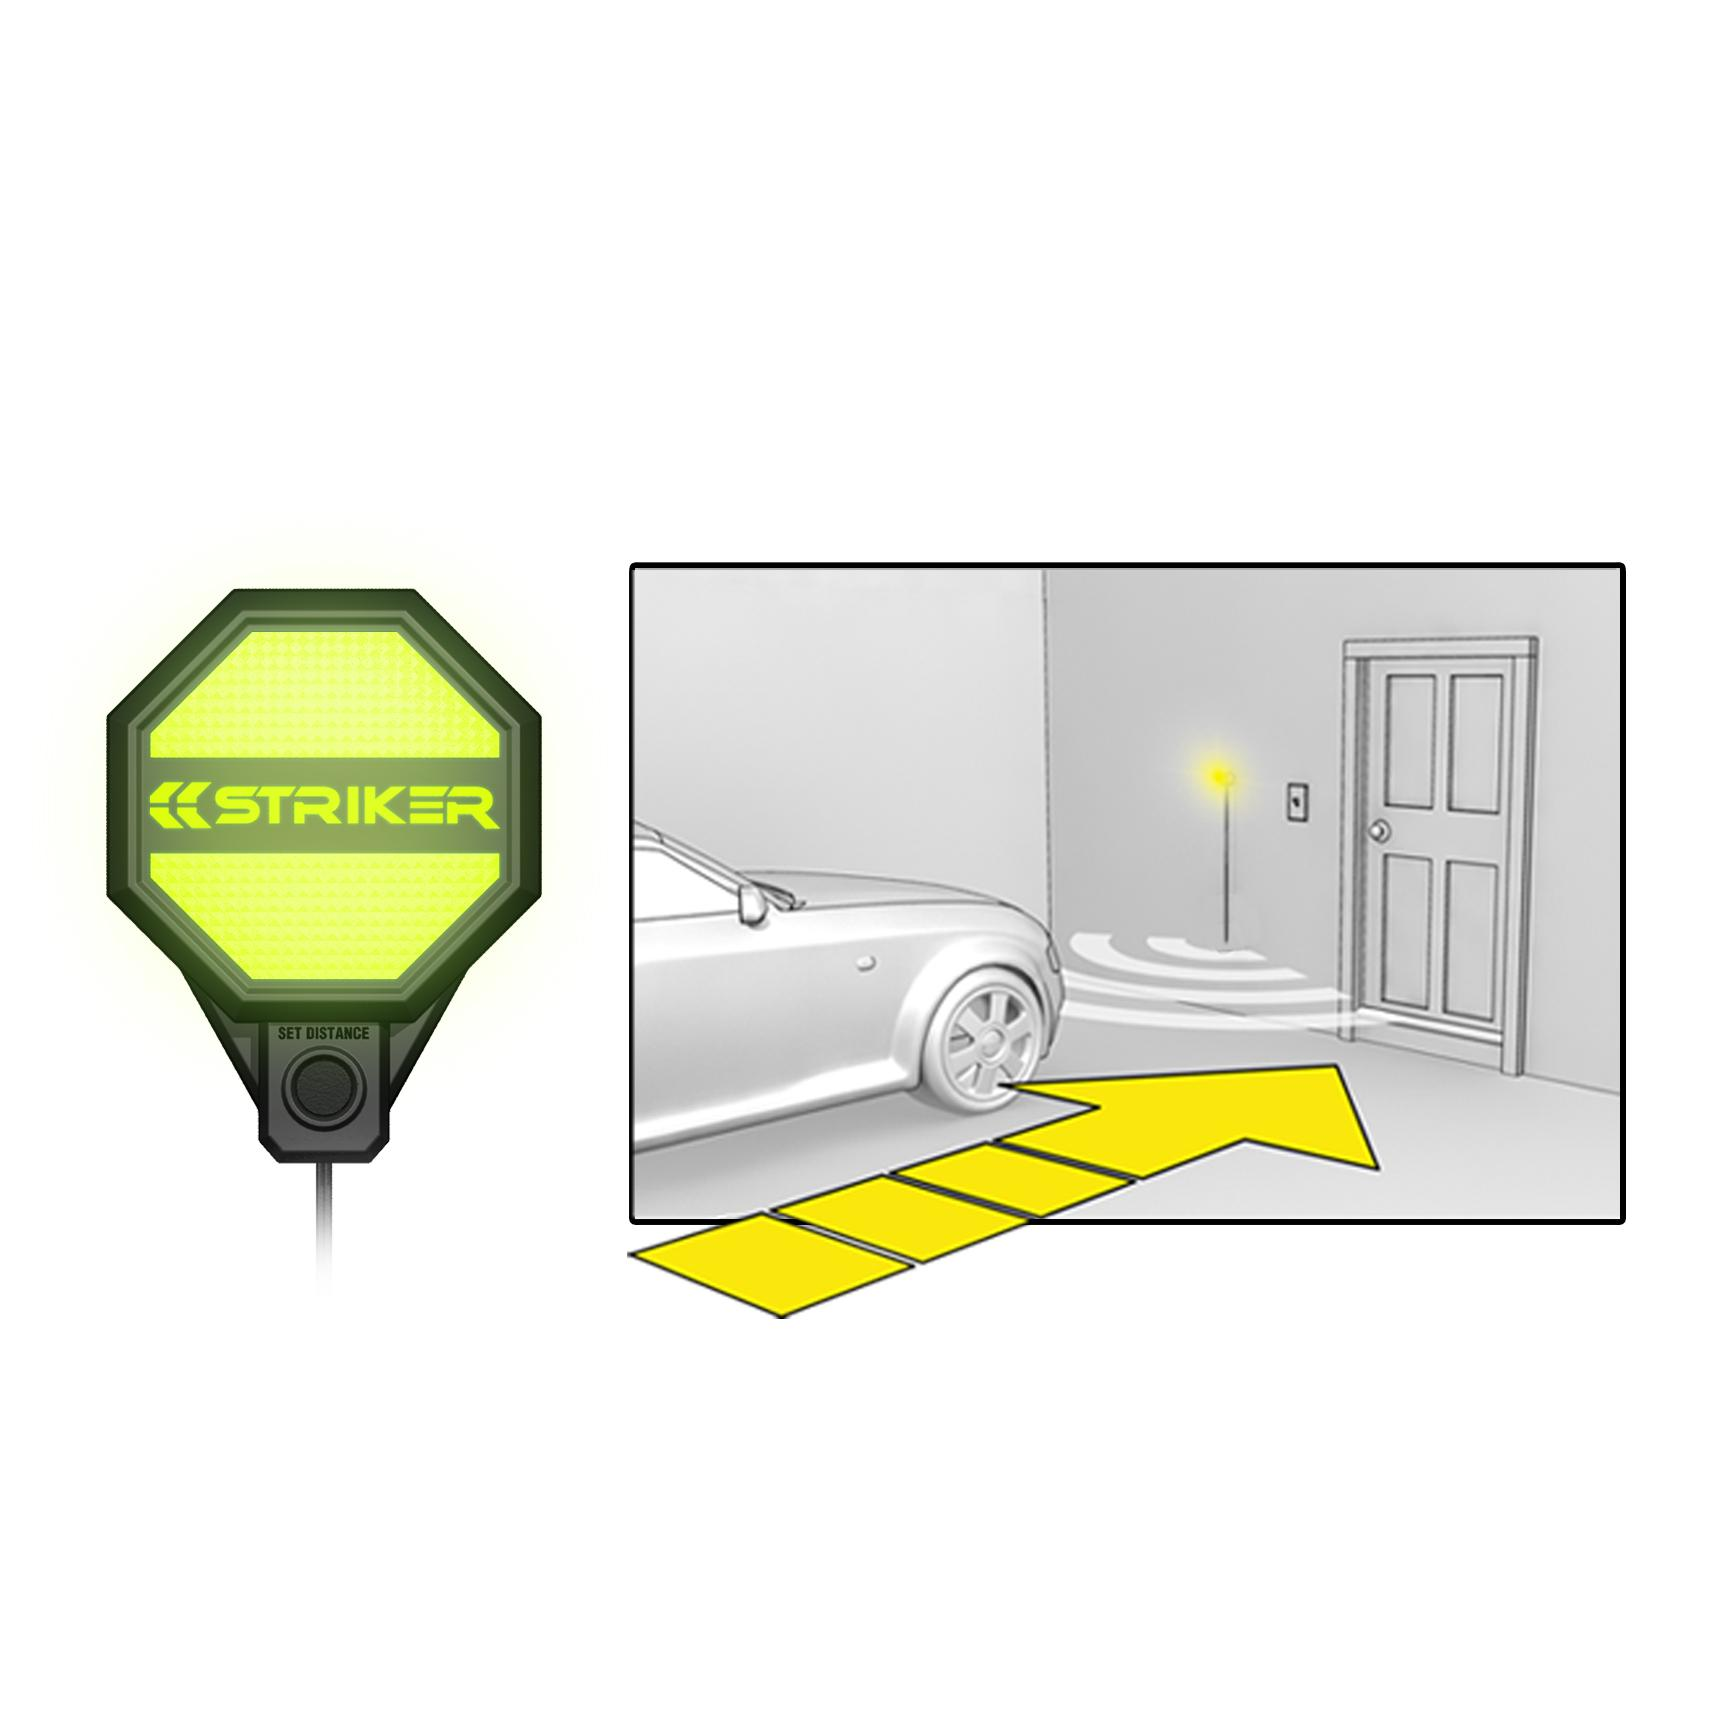 Striker Adjustable Garage Parking Sensor Parking Aid Ebay